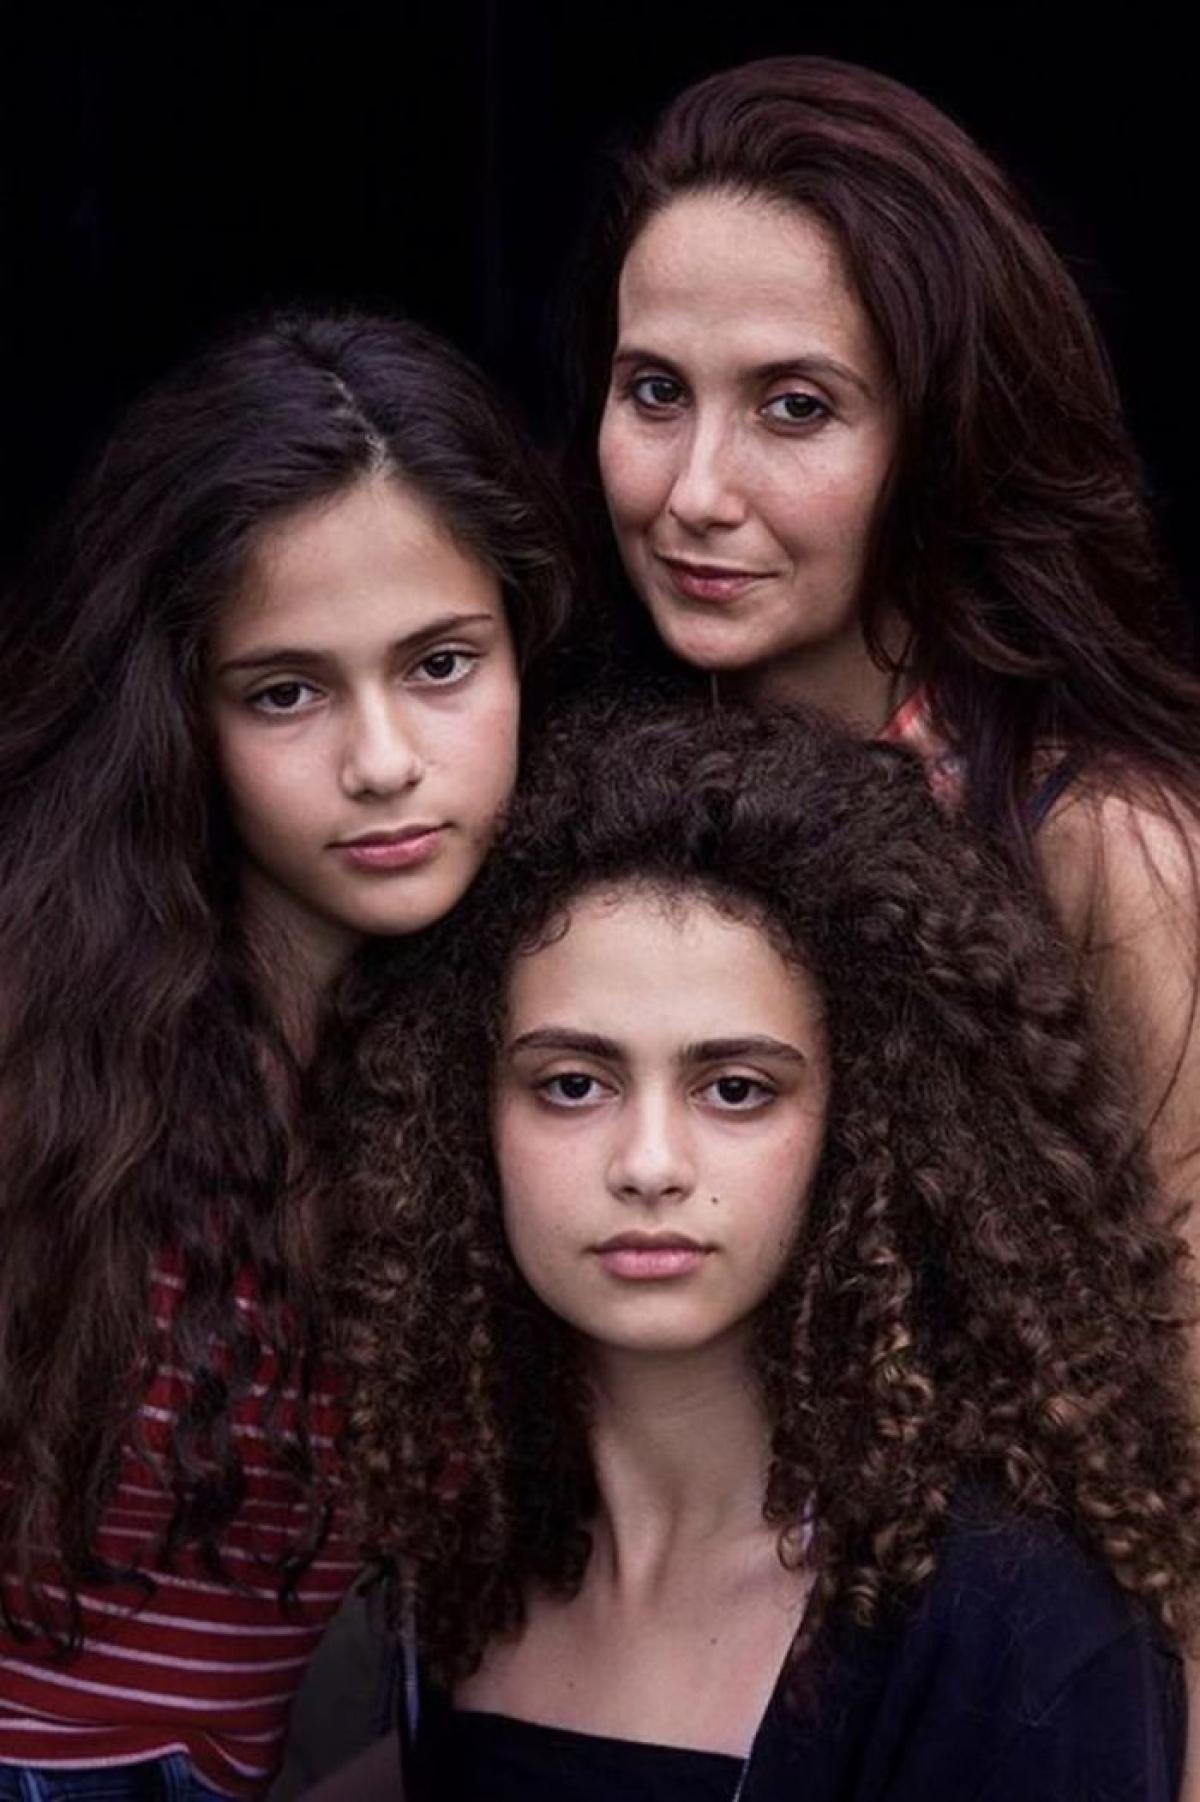 Hai cô con gái thừa hưởng đôi mắt đẹp của mẹ (Romania)